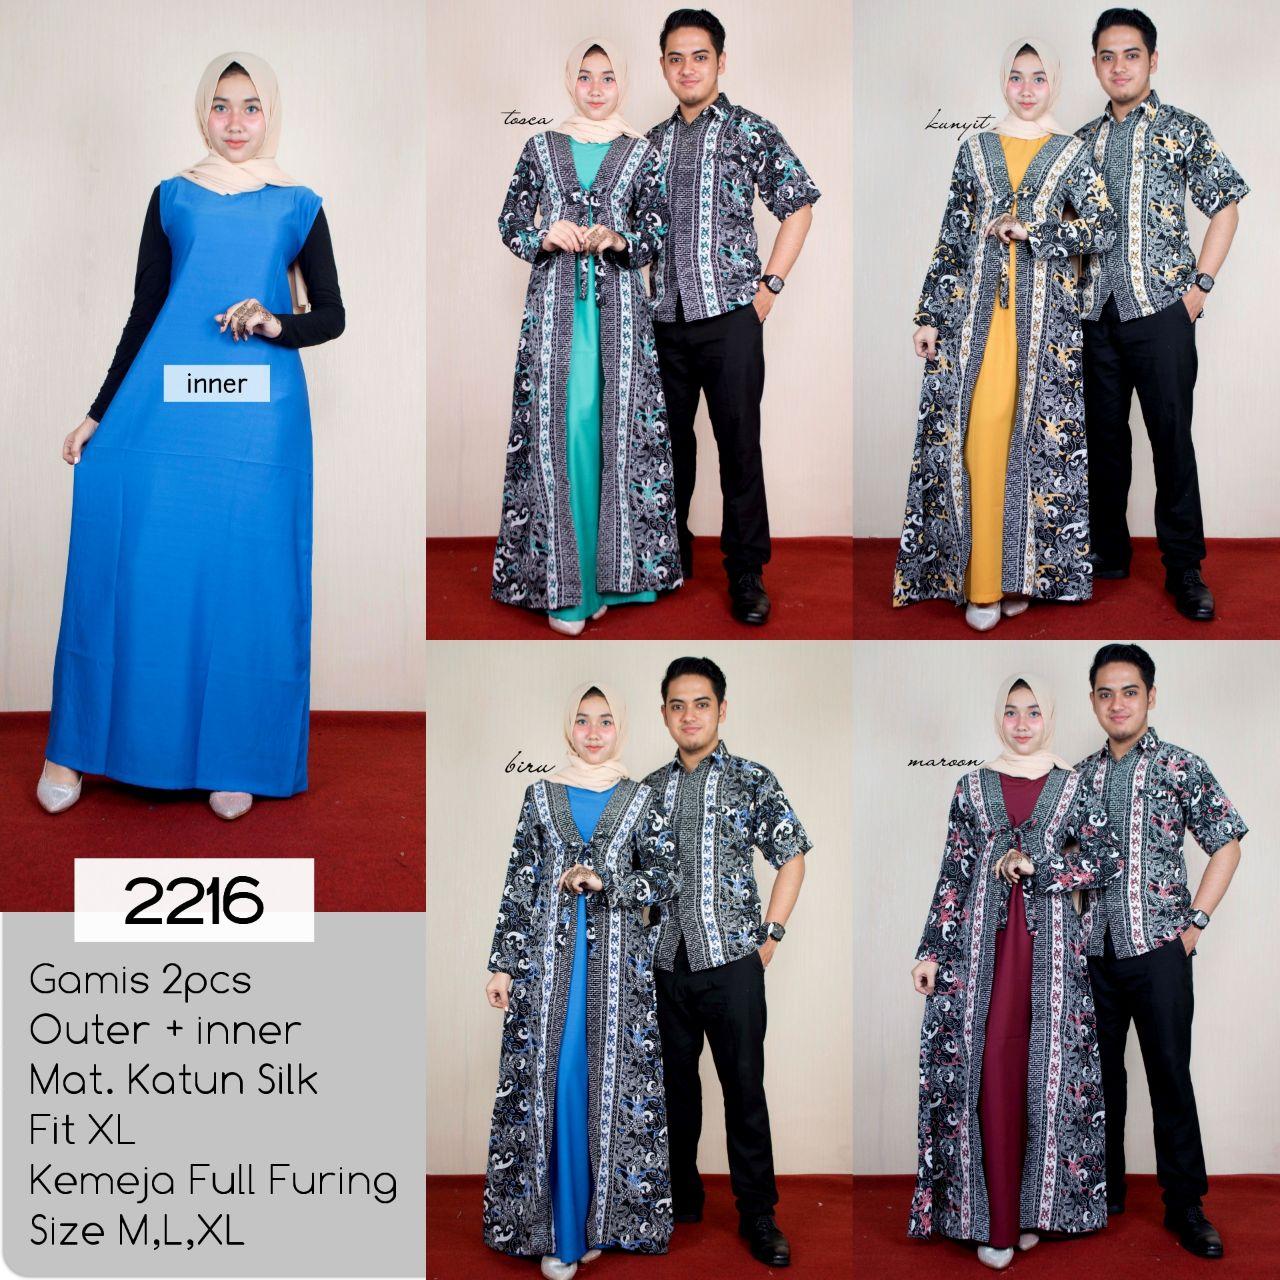 Baju Batik Couple Model Gamis Inner Dan Outer Terbaru T2216